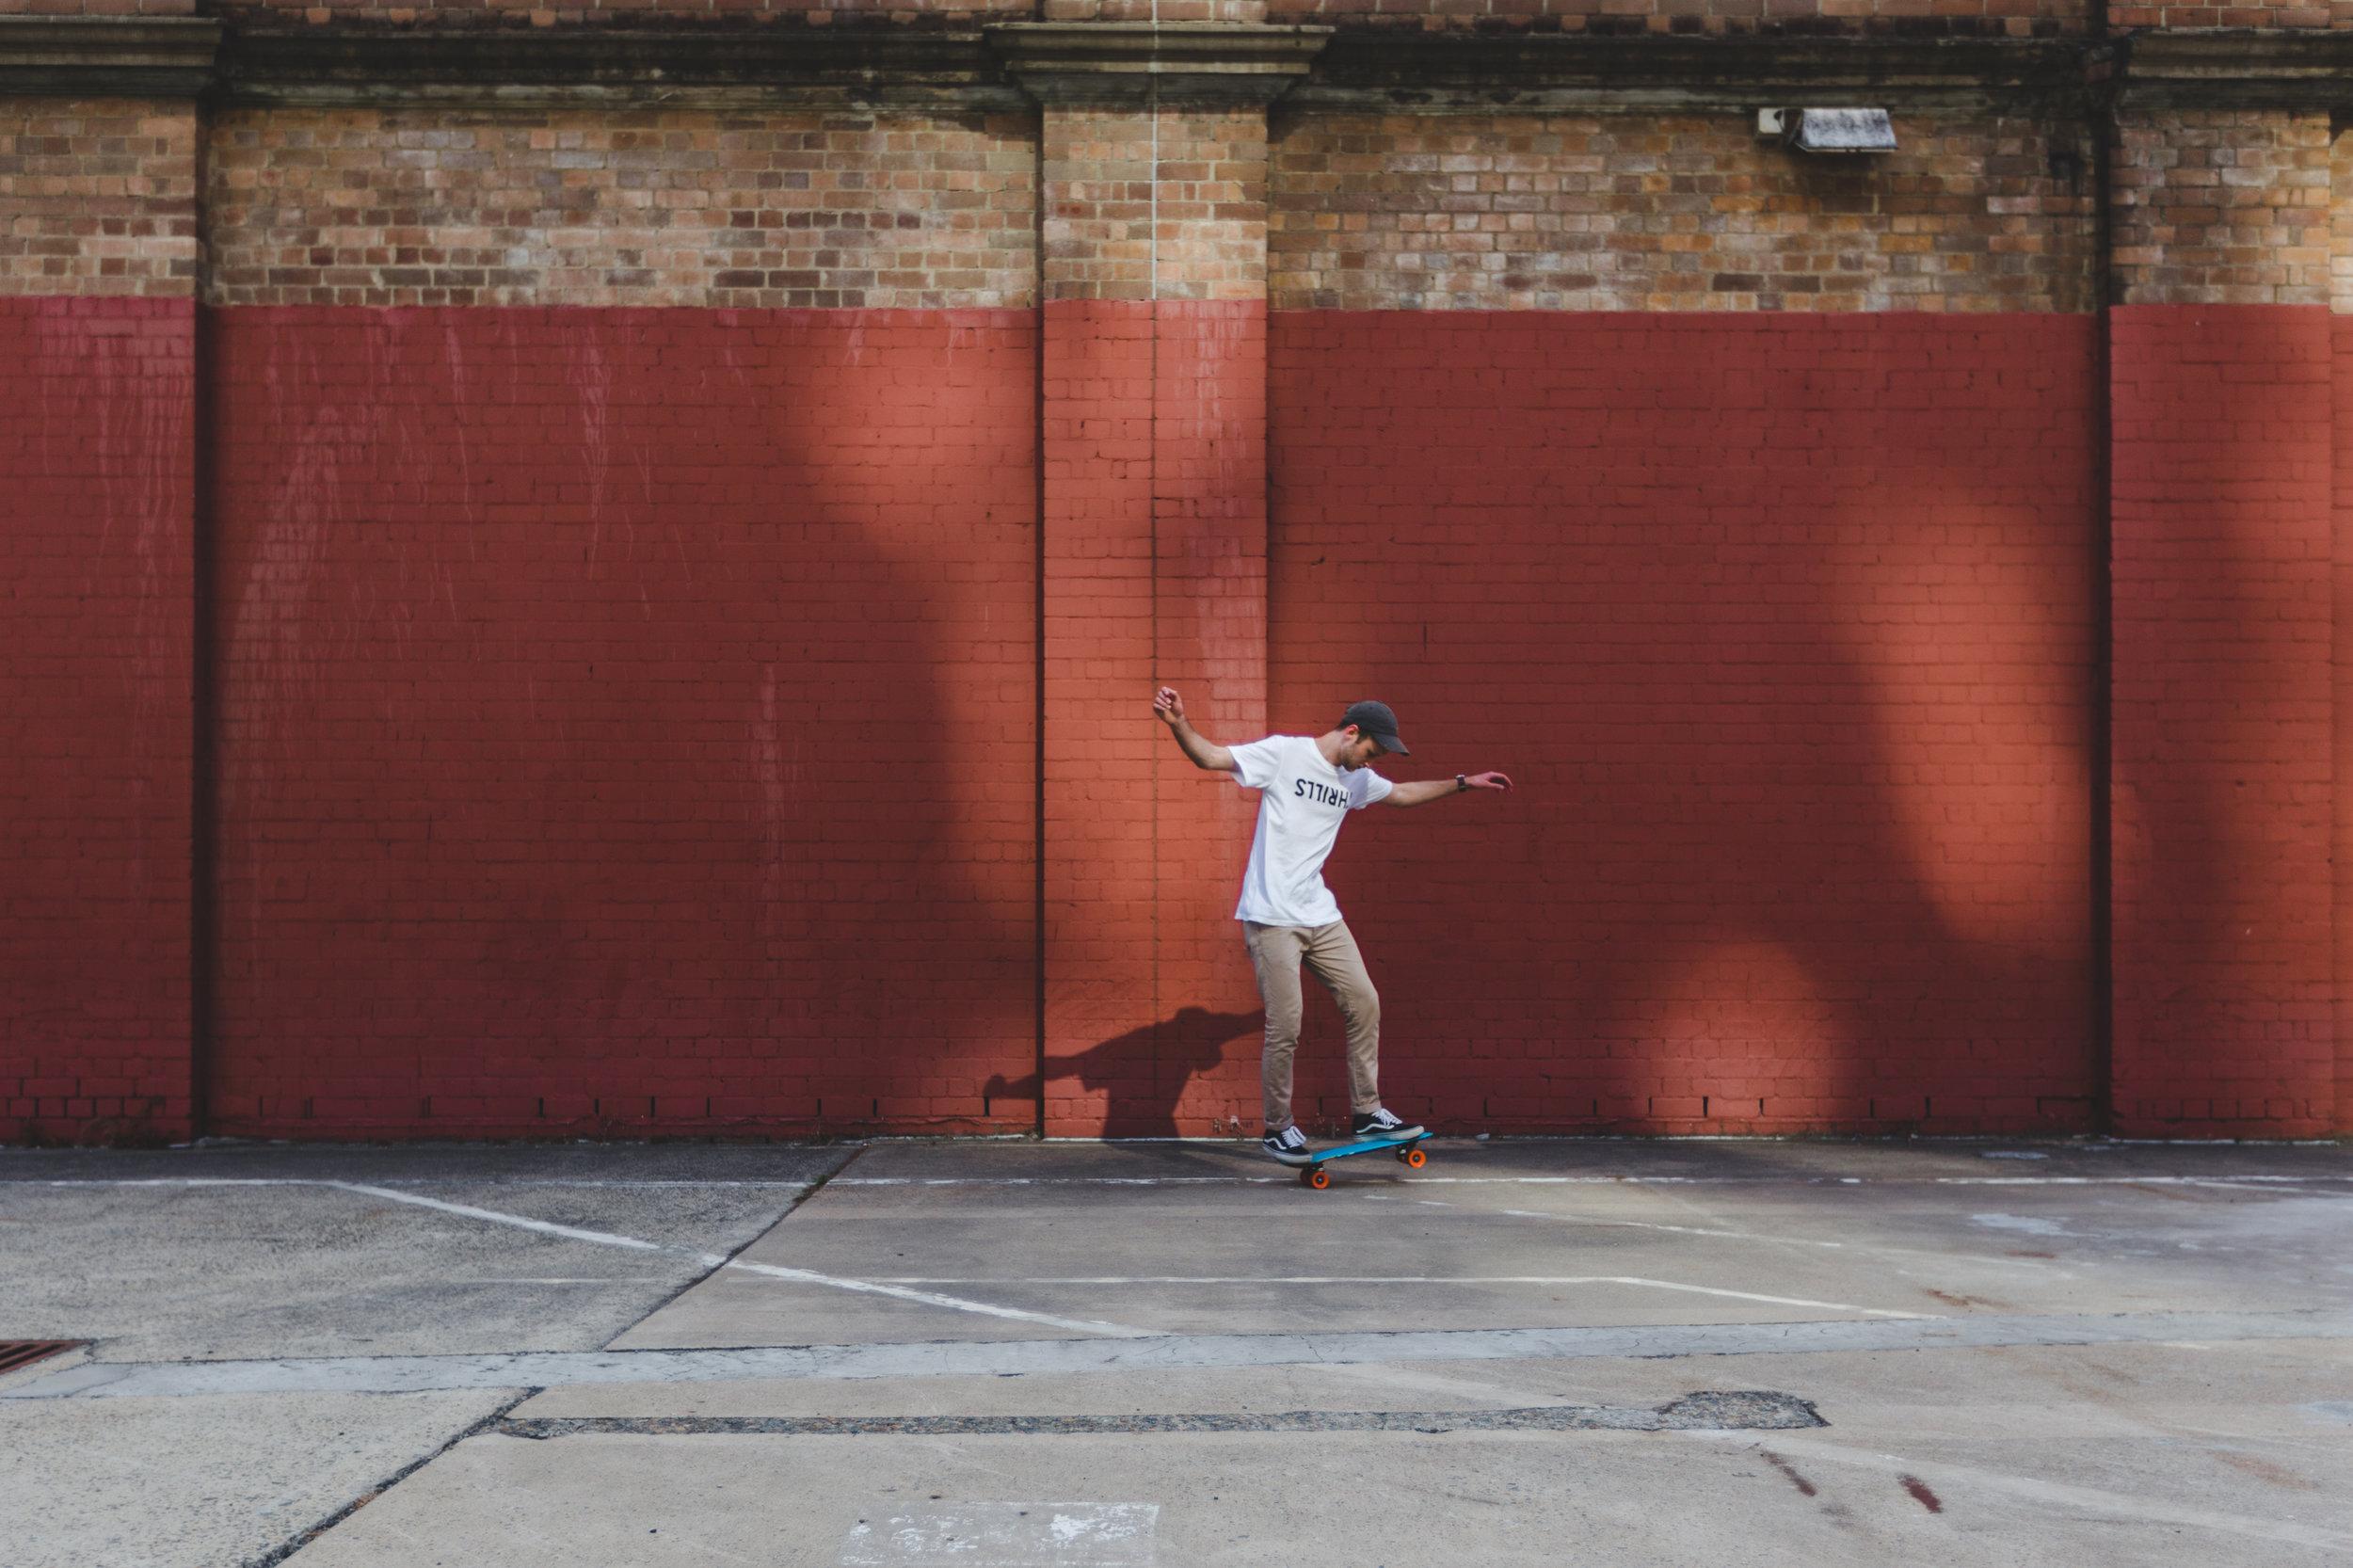 Penny Board Skateboards